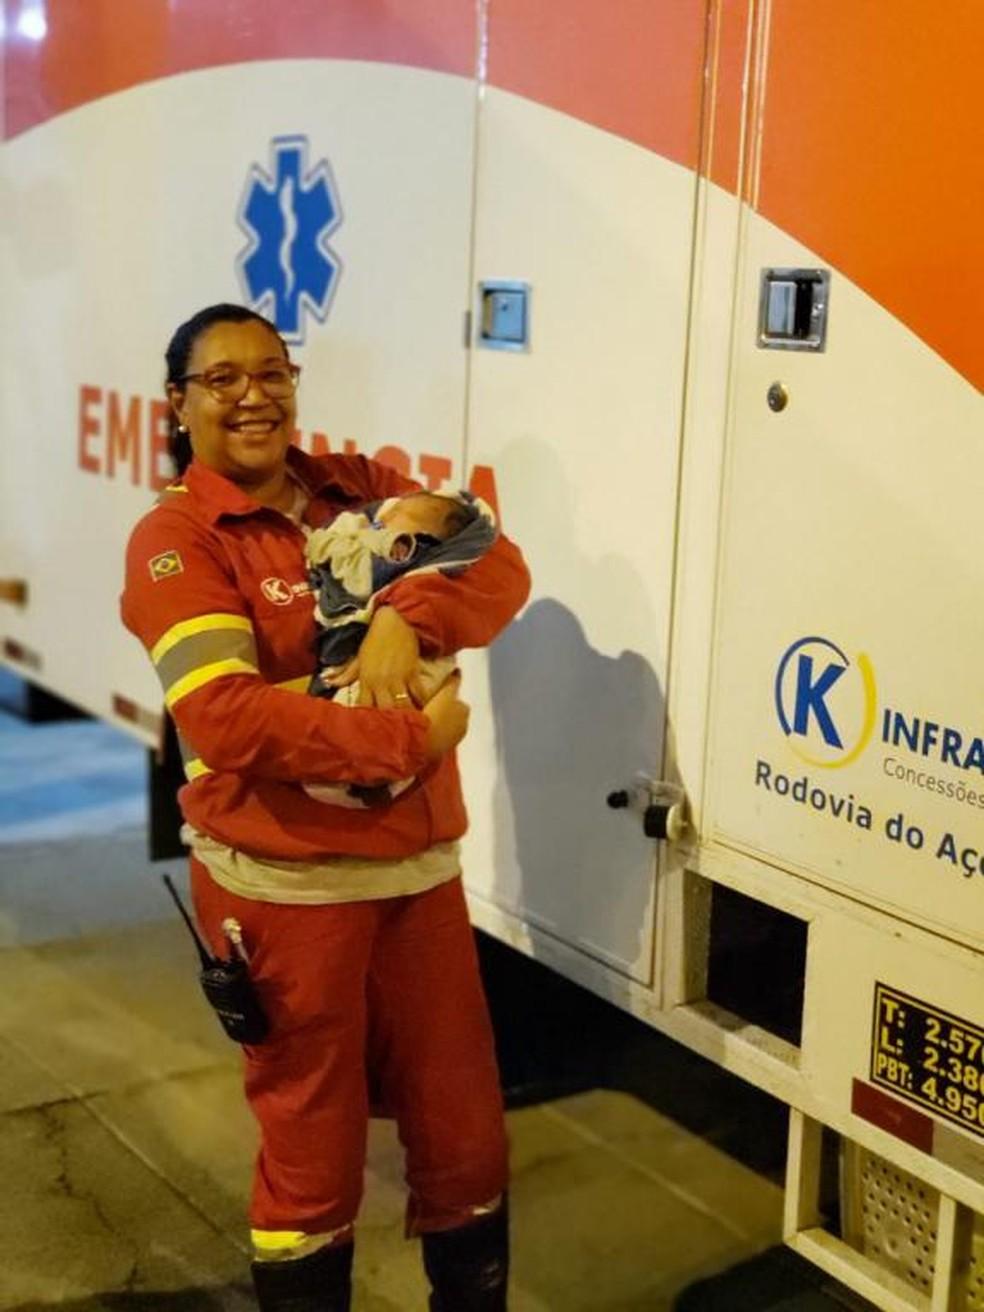 Auxiliar de enfermagem Elaine, que fez o parto, com o bebê em Três Rios — Foto: Divulgação/K-infra